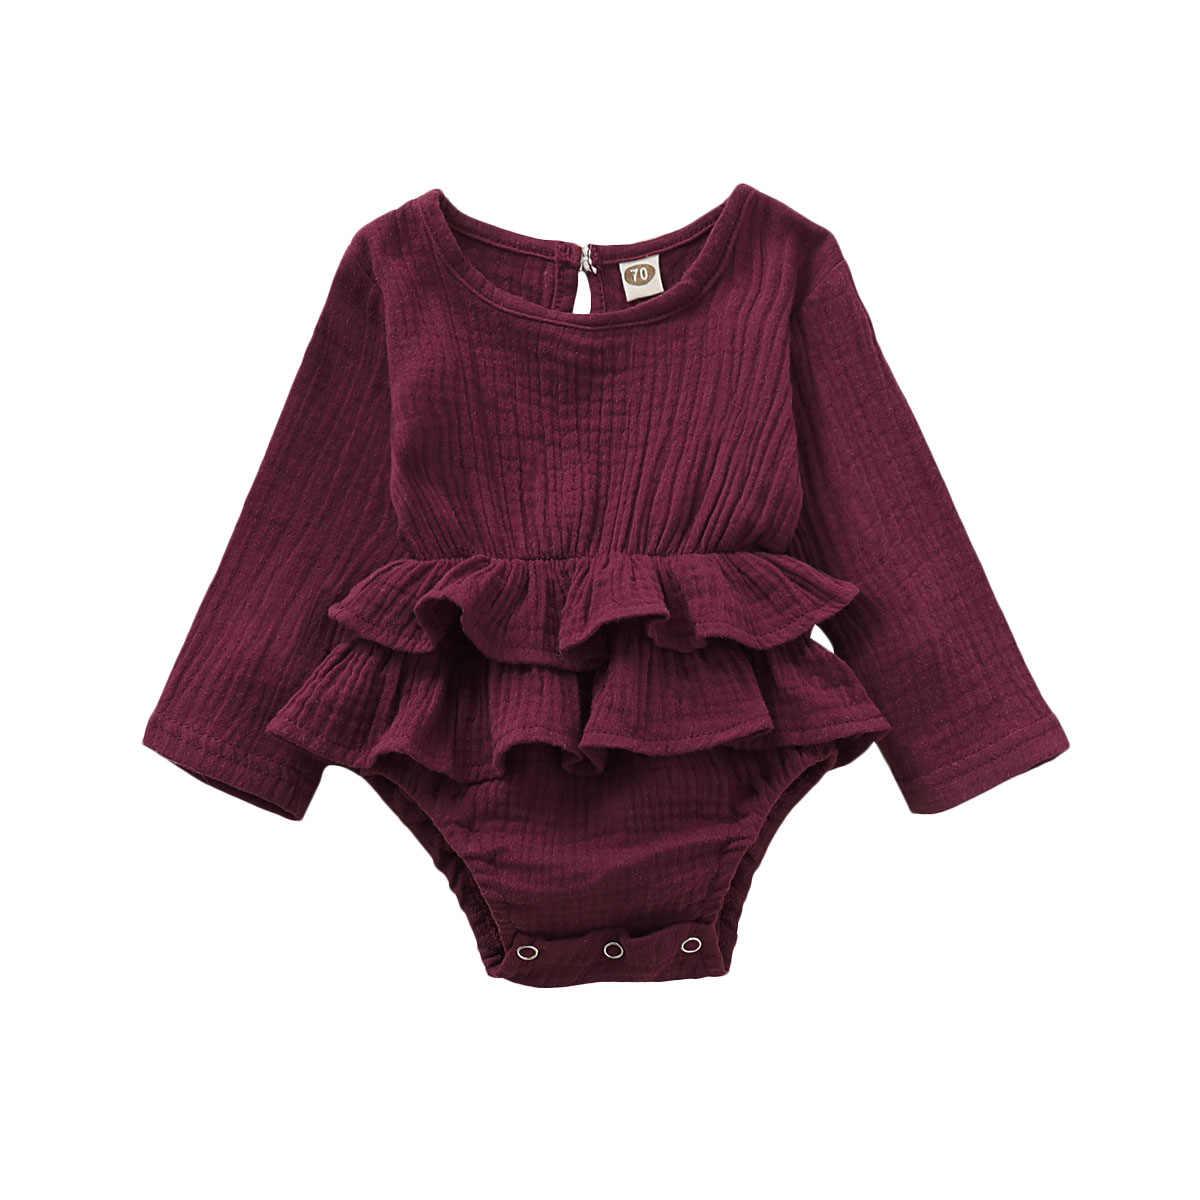 Bodysuits de otoño invierno Pudcoco recién nacido bebé Niñas Ropa de manga larga caliente Bodysuit vestido de una pieza trajes de 6-24 meses